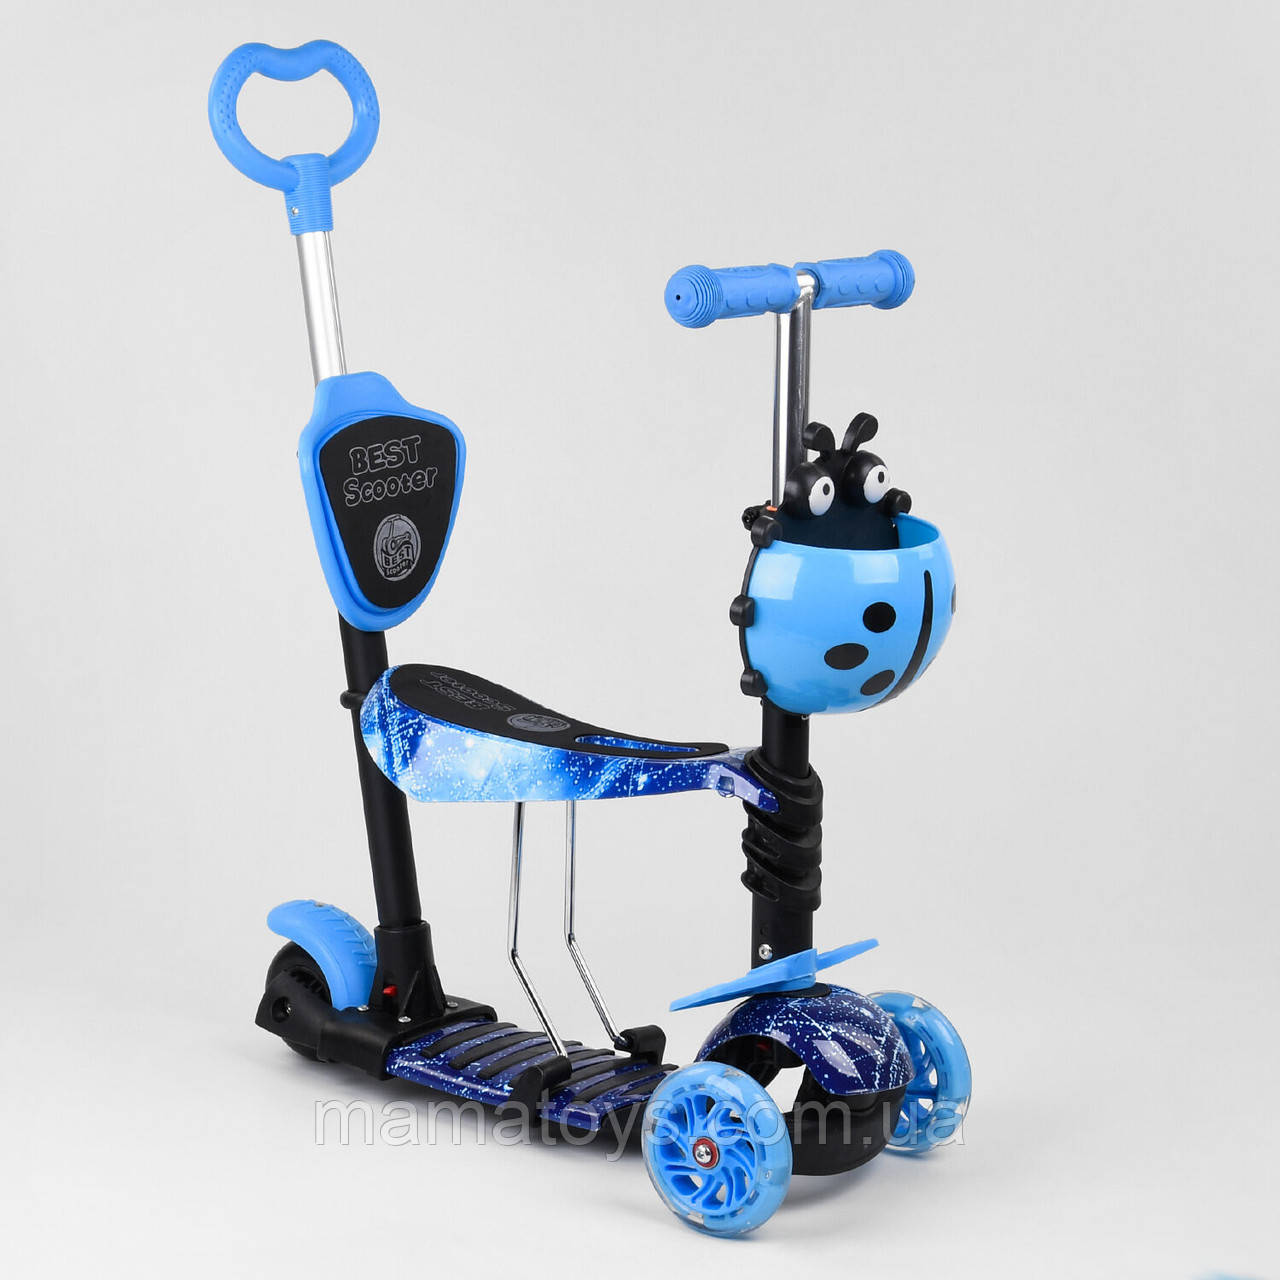 Детский Самокат 10433 Голубой Best Scooter Беговел  5 в 1 с Родительской ручкой, Свет колес